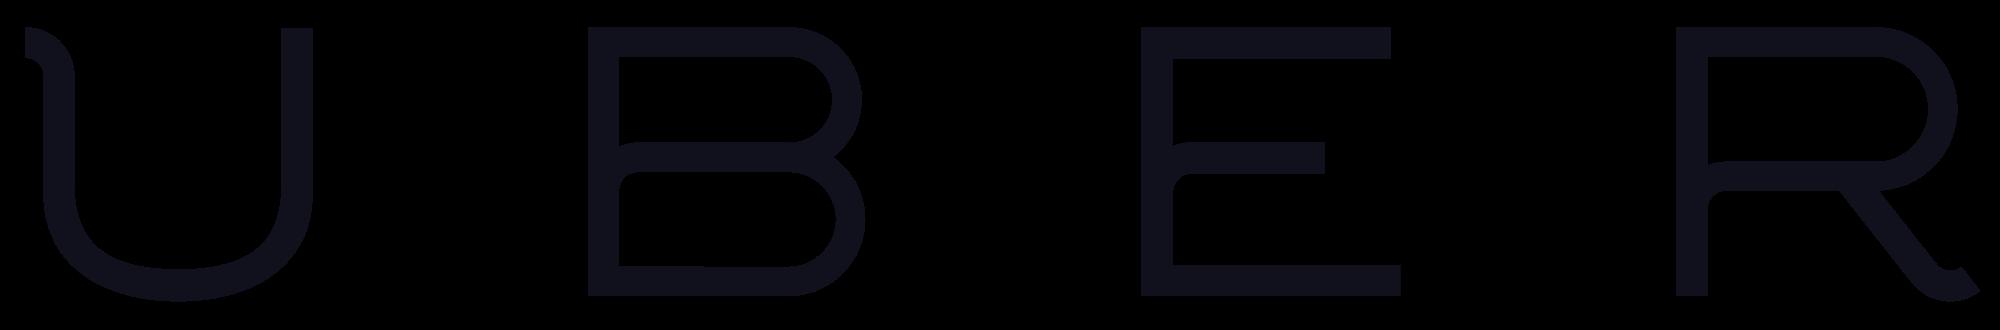 2000x330 Fileuber Logotype.svg